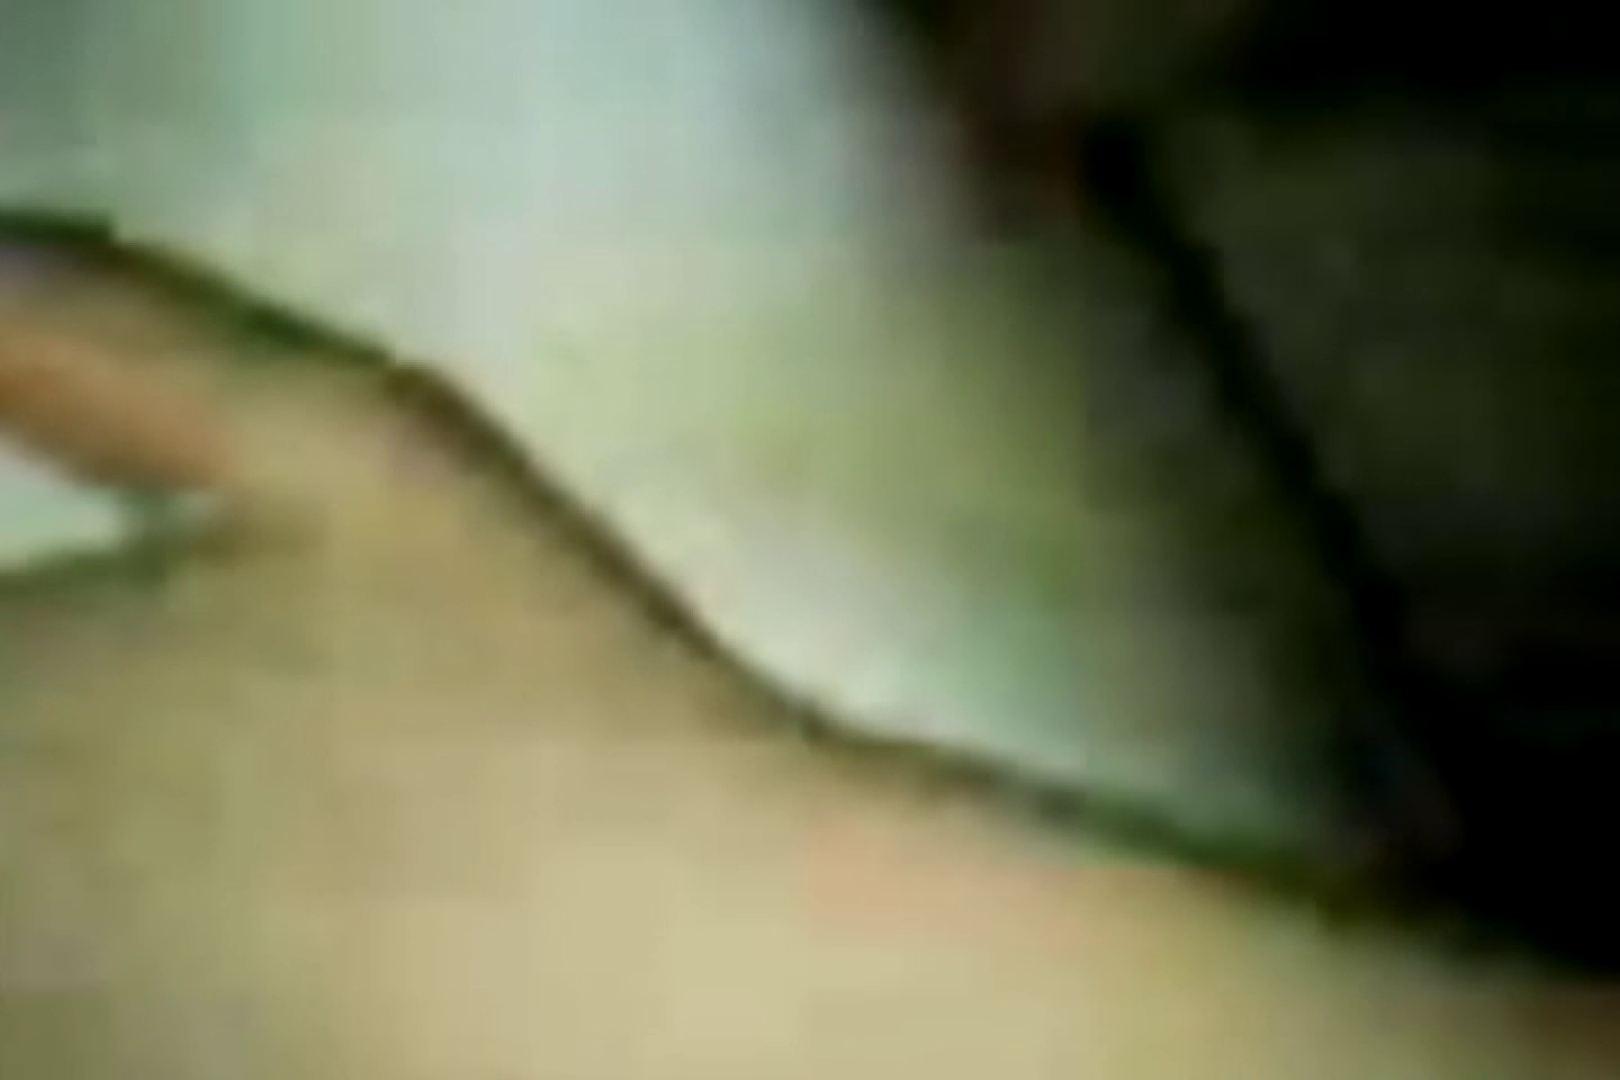 ウイルス流出 串田良祐と小学校教諭のハメ撮りアルバム 流出作品 | 学校  74pic 71